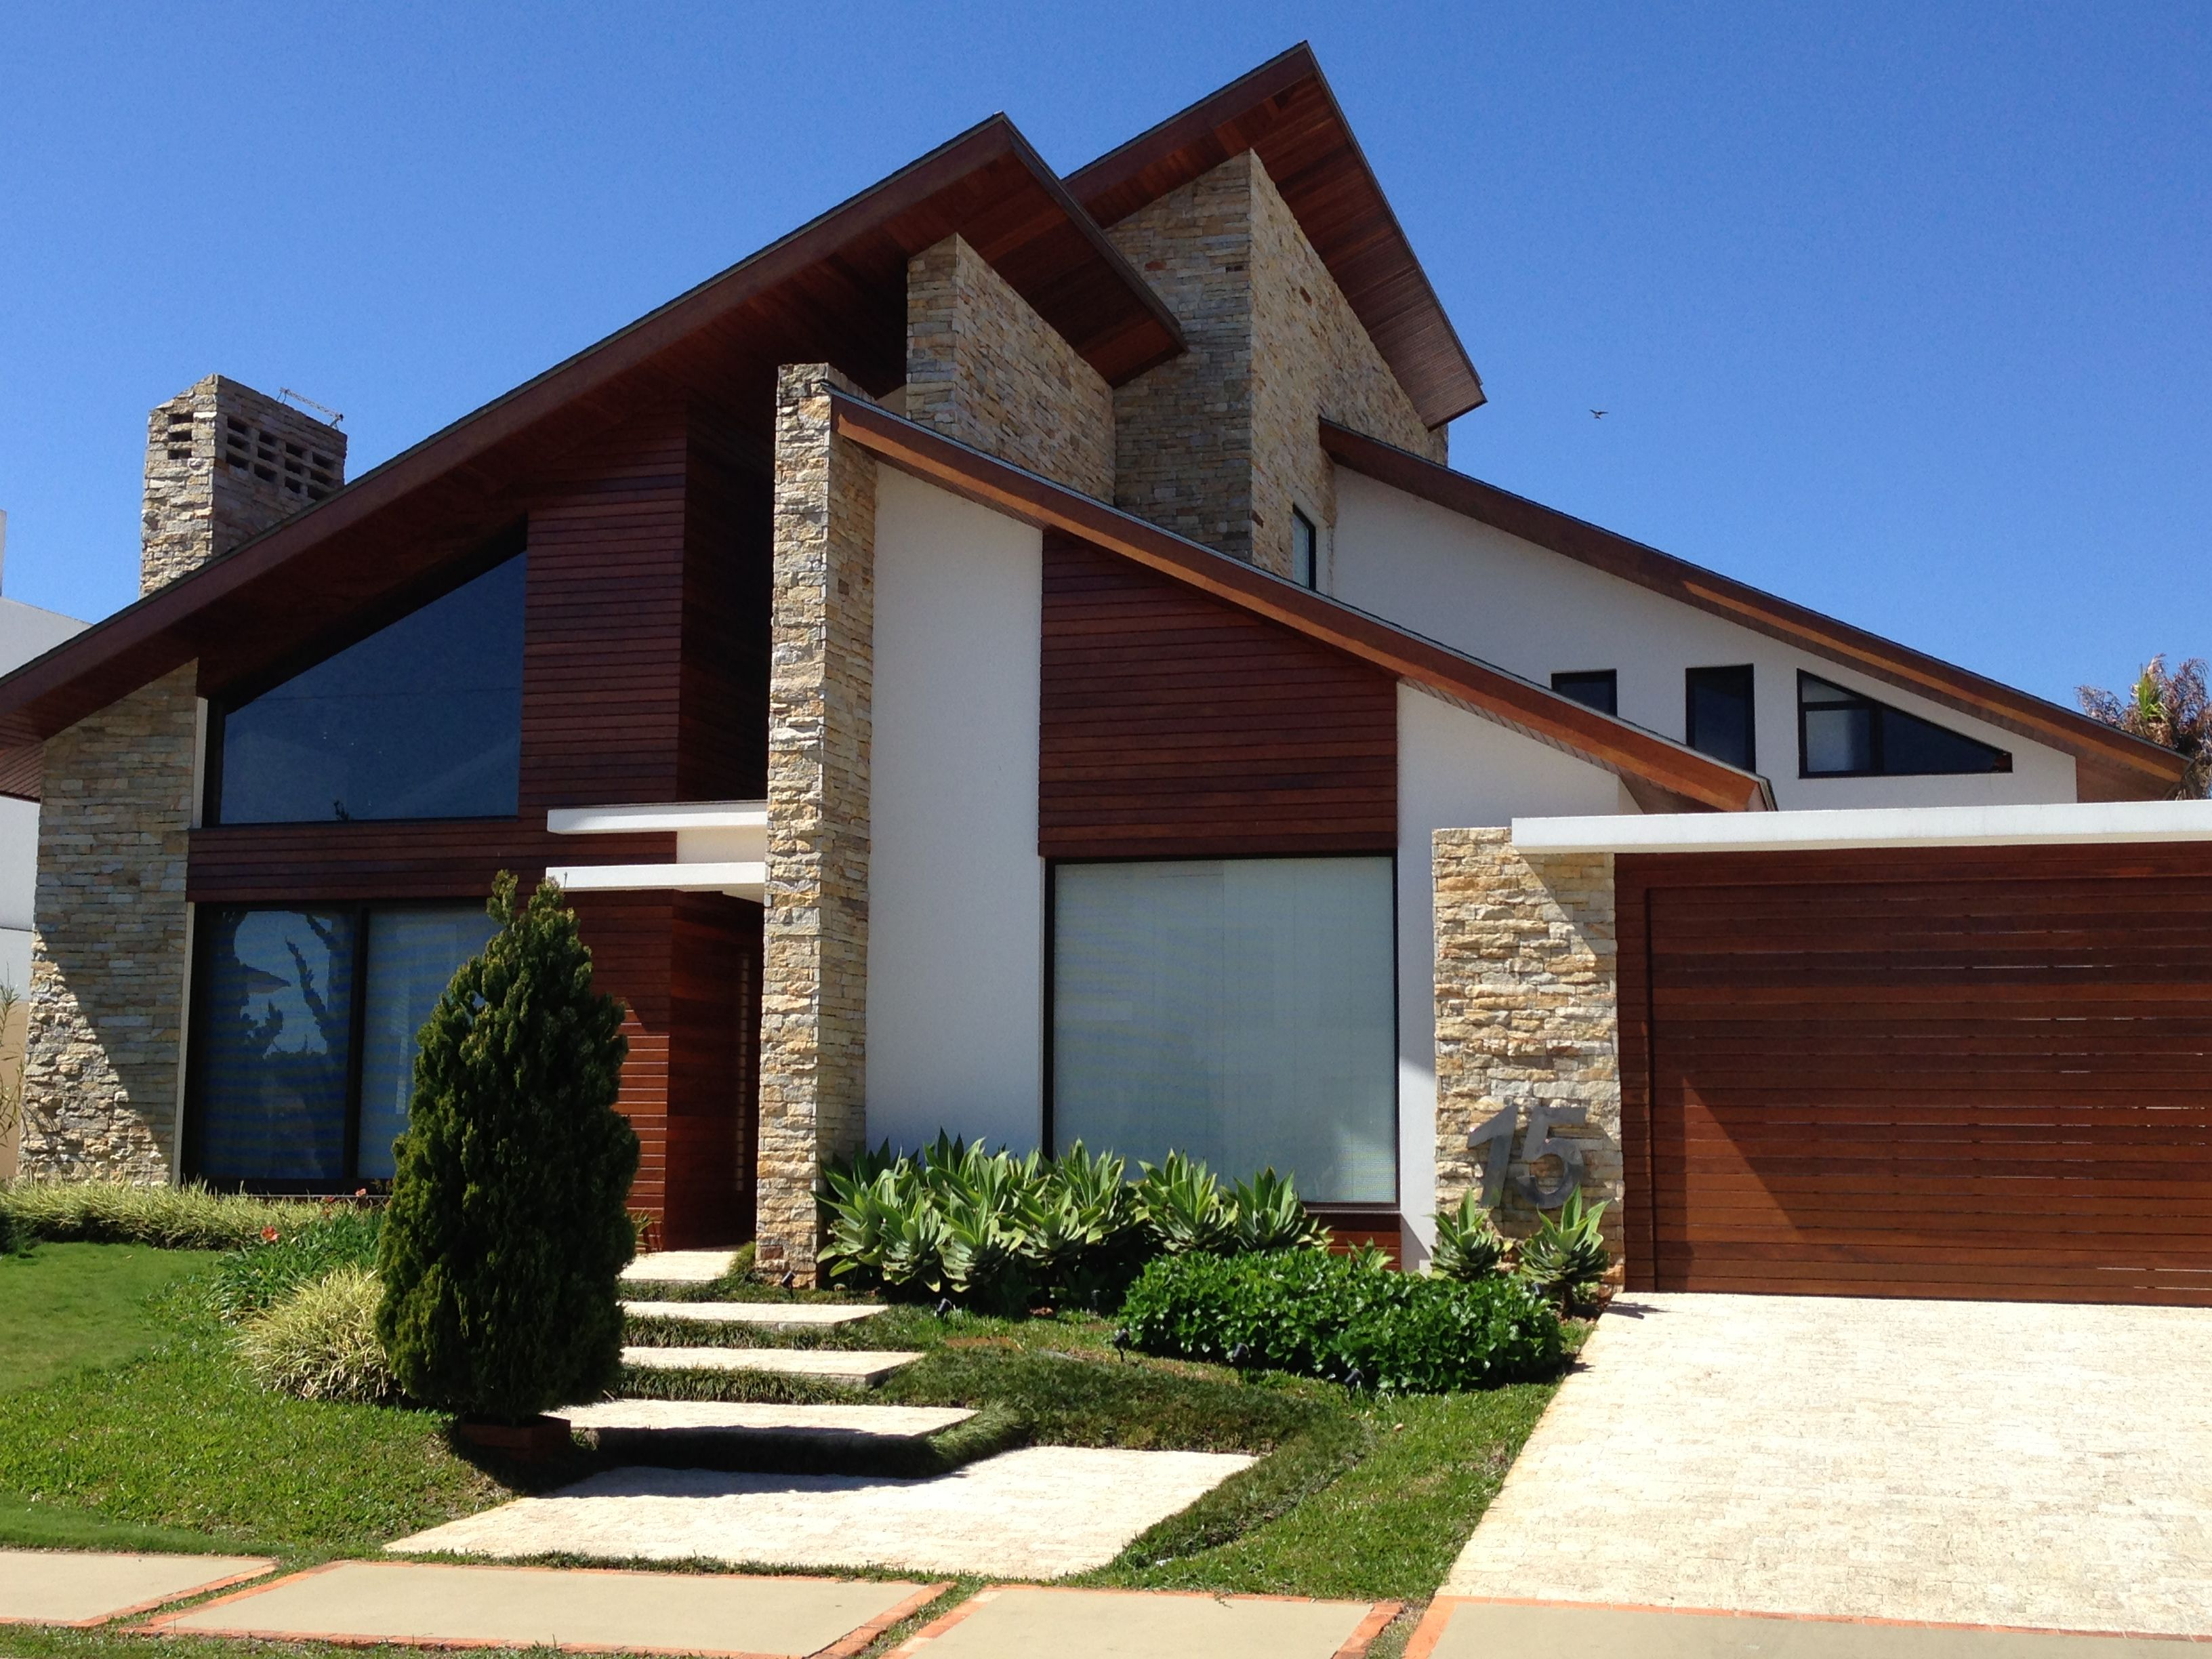 Fachadas de casas rusticas modernas pesquisa google for Fachadas de casas estilo rustico moderno